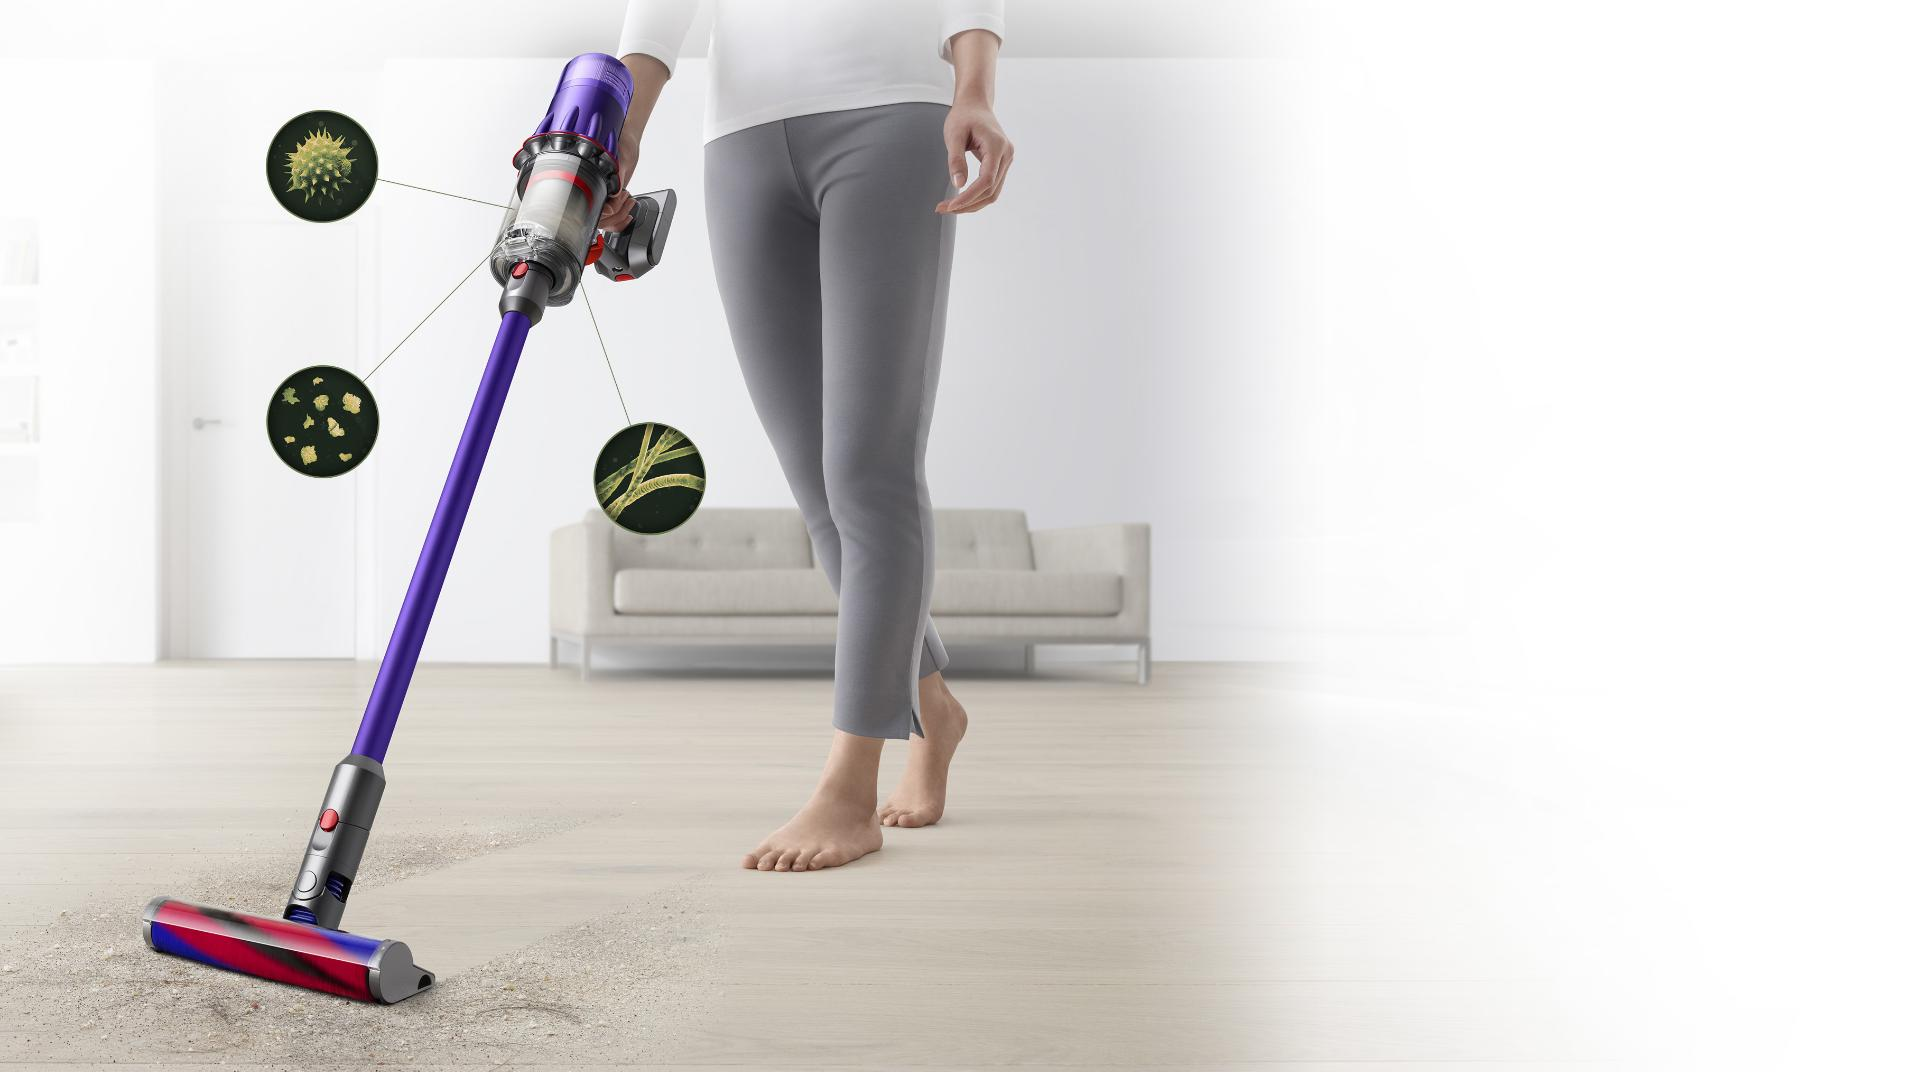 صورة لسيدة تُنظِّف أرضية صلبة وسجادة تاتامي. لقطات مجهرية للمواد المسببة للحساسية والأتربة الدقيقة المختبئة في الأركان.